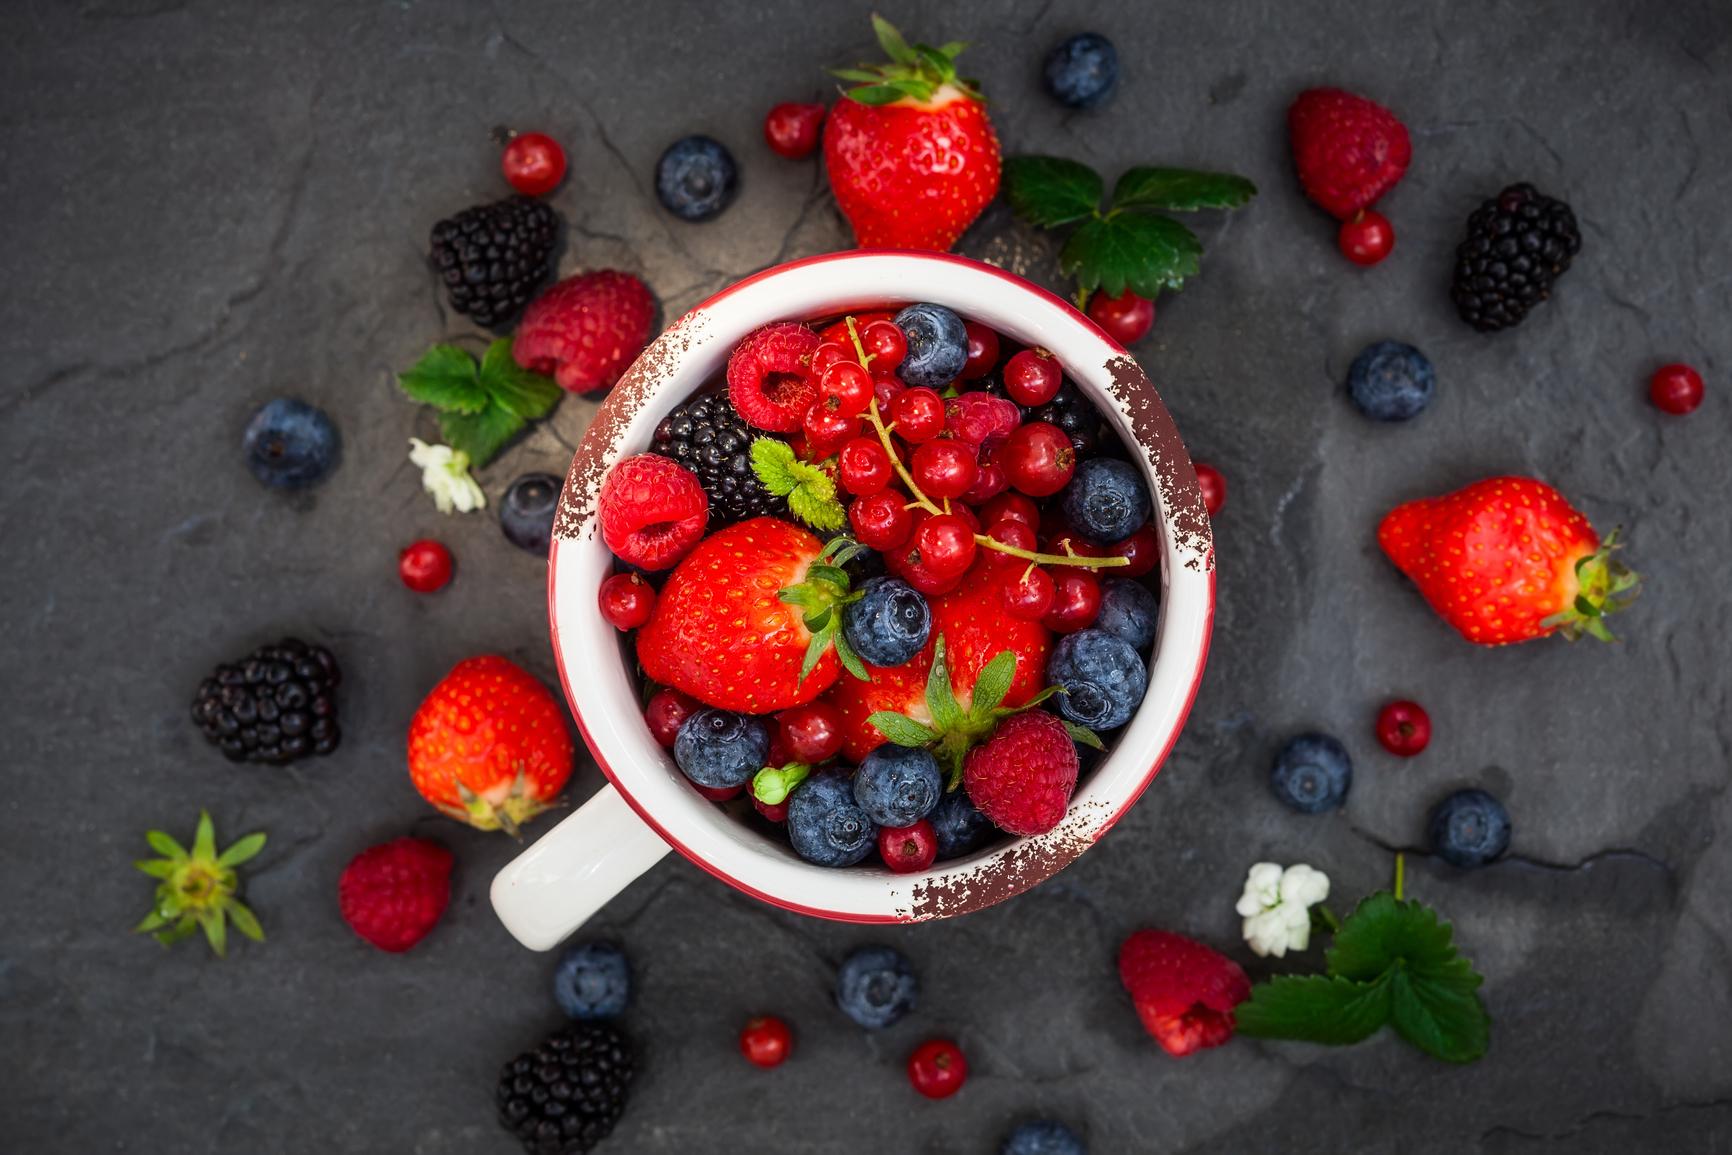 Правильное питание  ТОП7 золотых принципов для здоровья